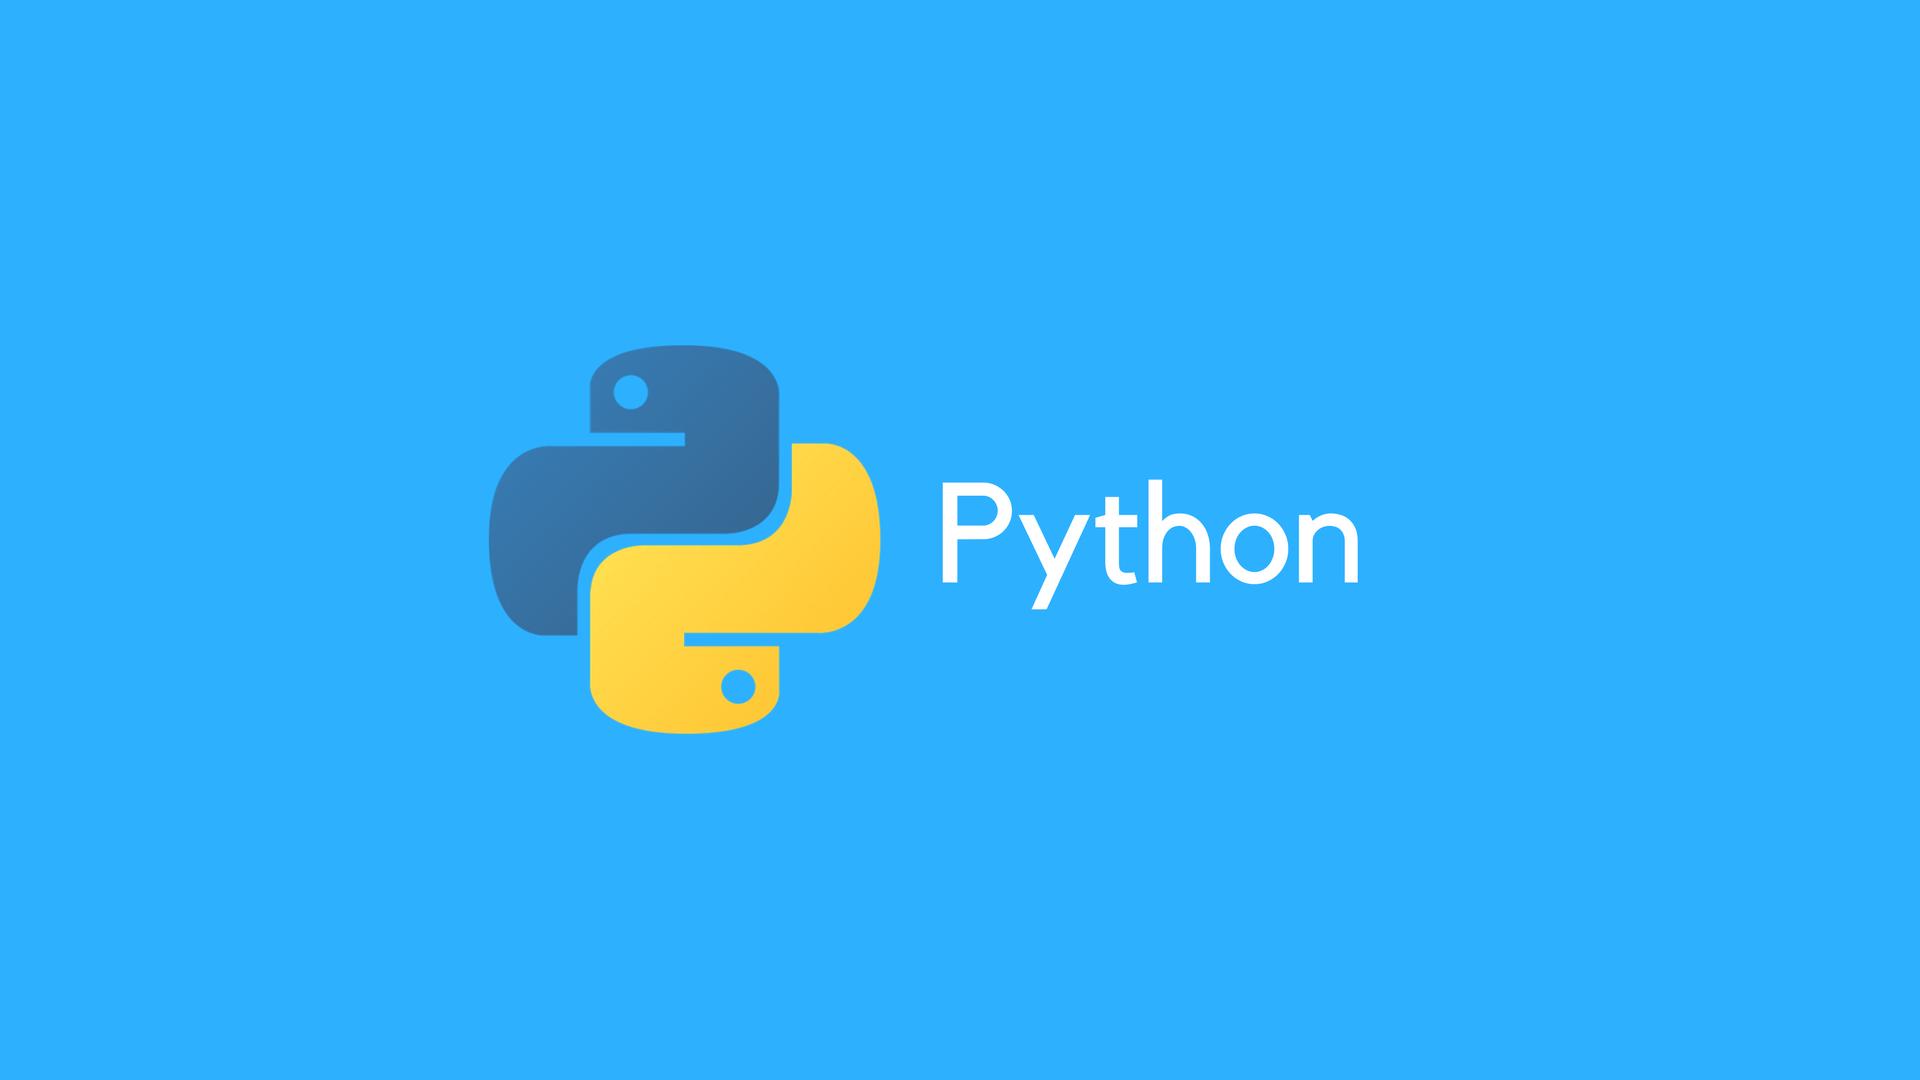 Приоритеты операторов в Python при выполнении кода (таблица)